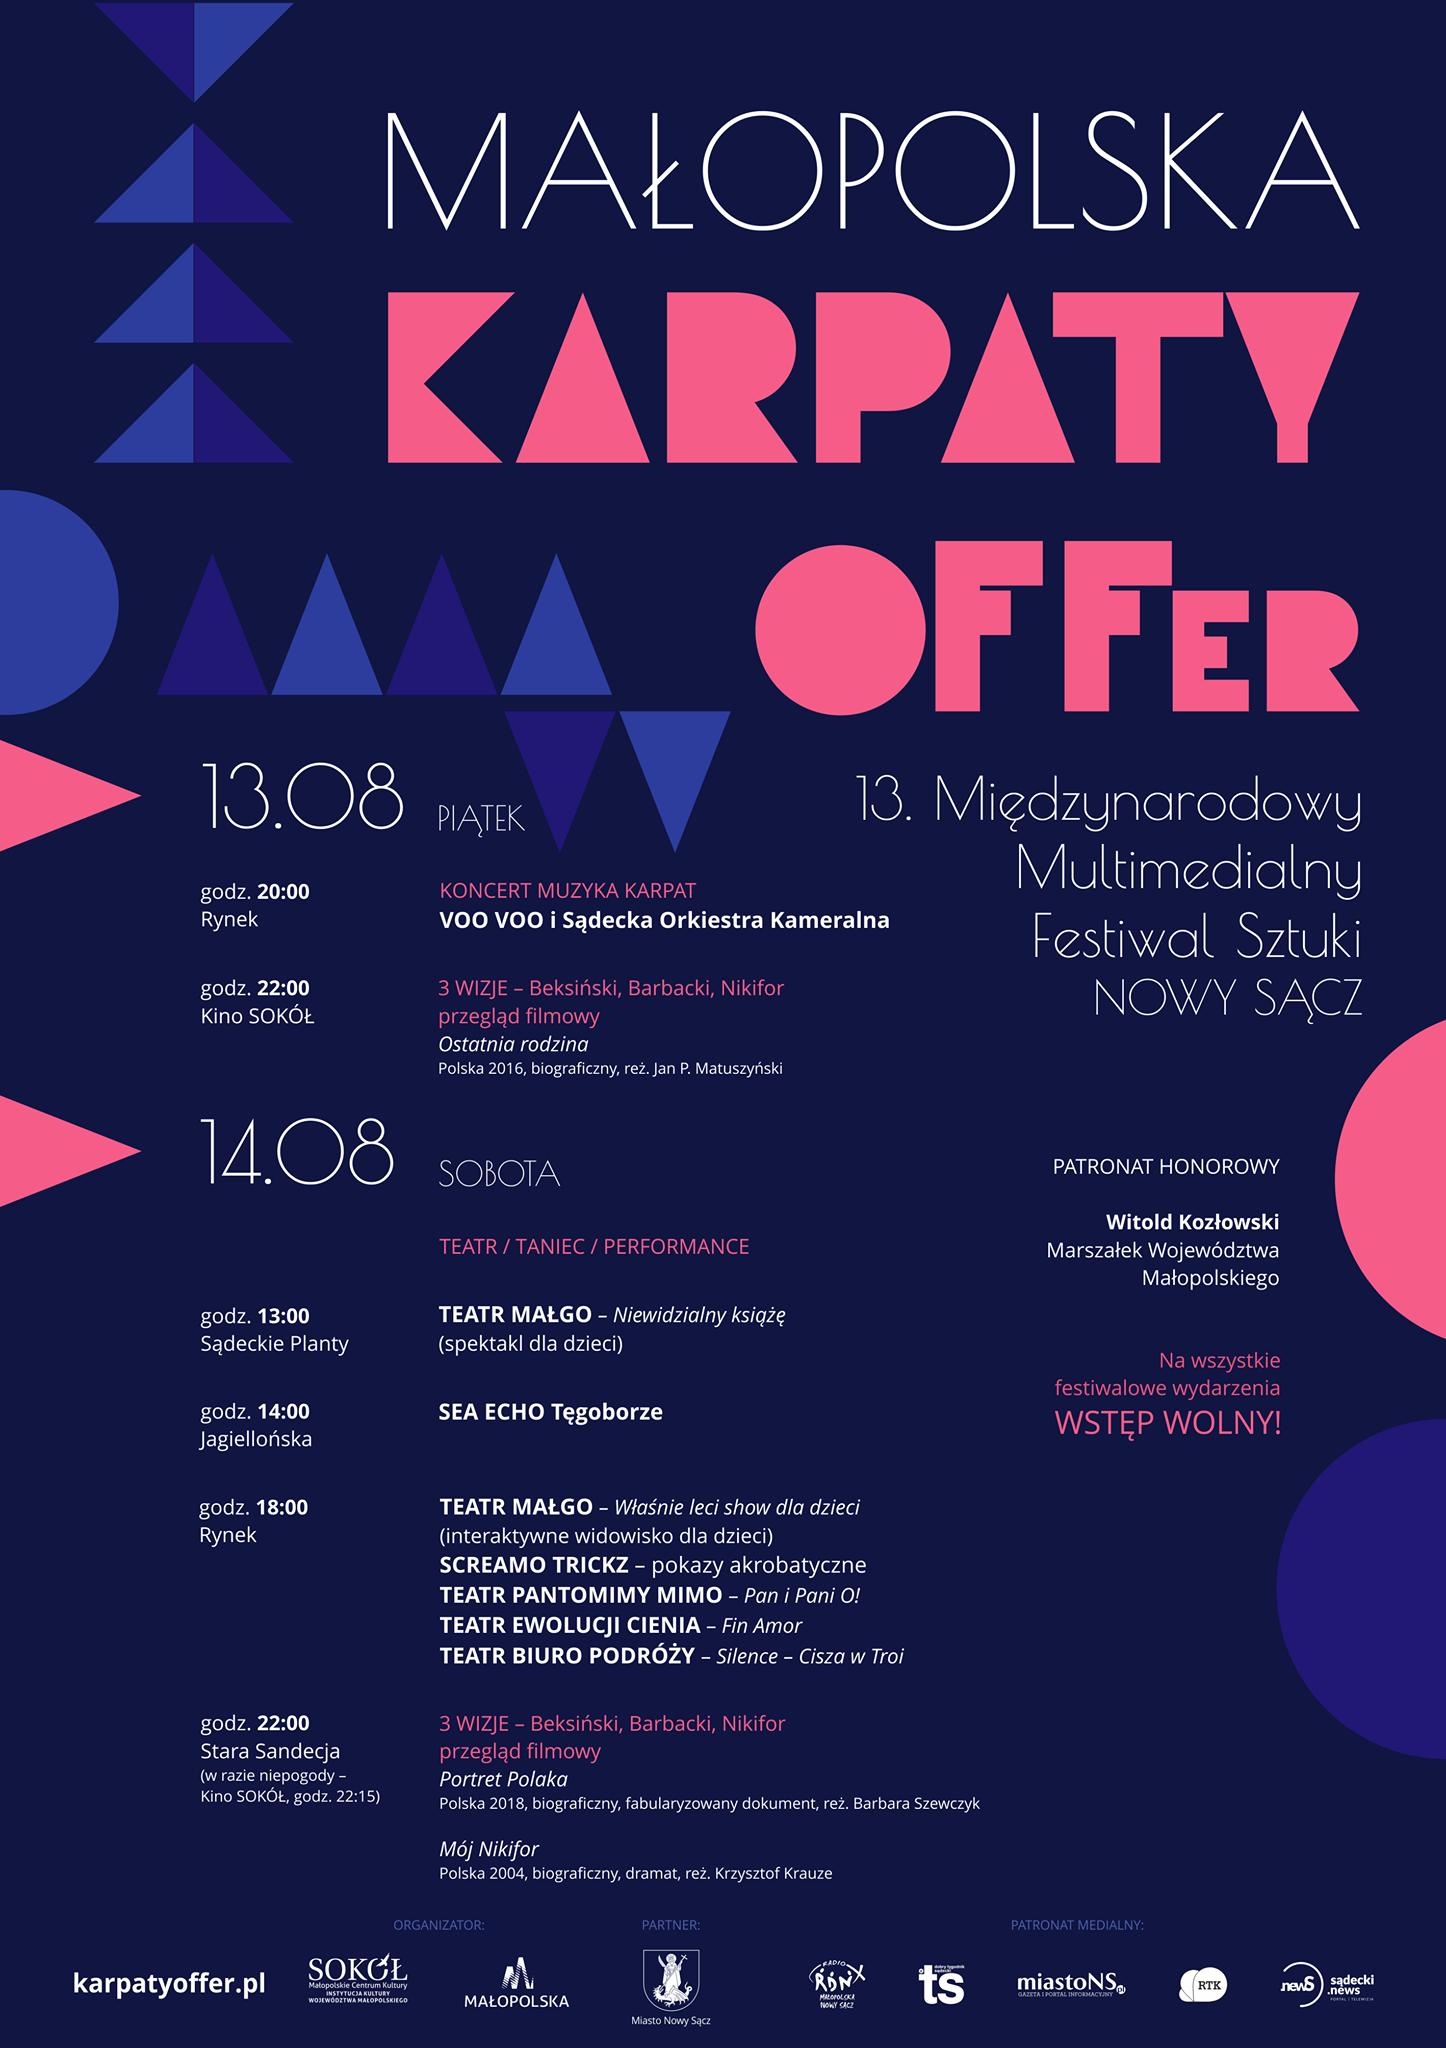 Małopolska Karpaty OFFer -plakat promujący wydarzenie.